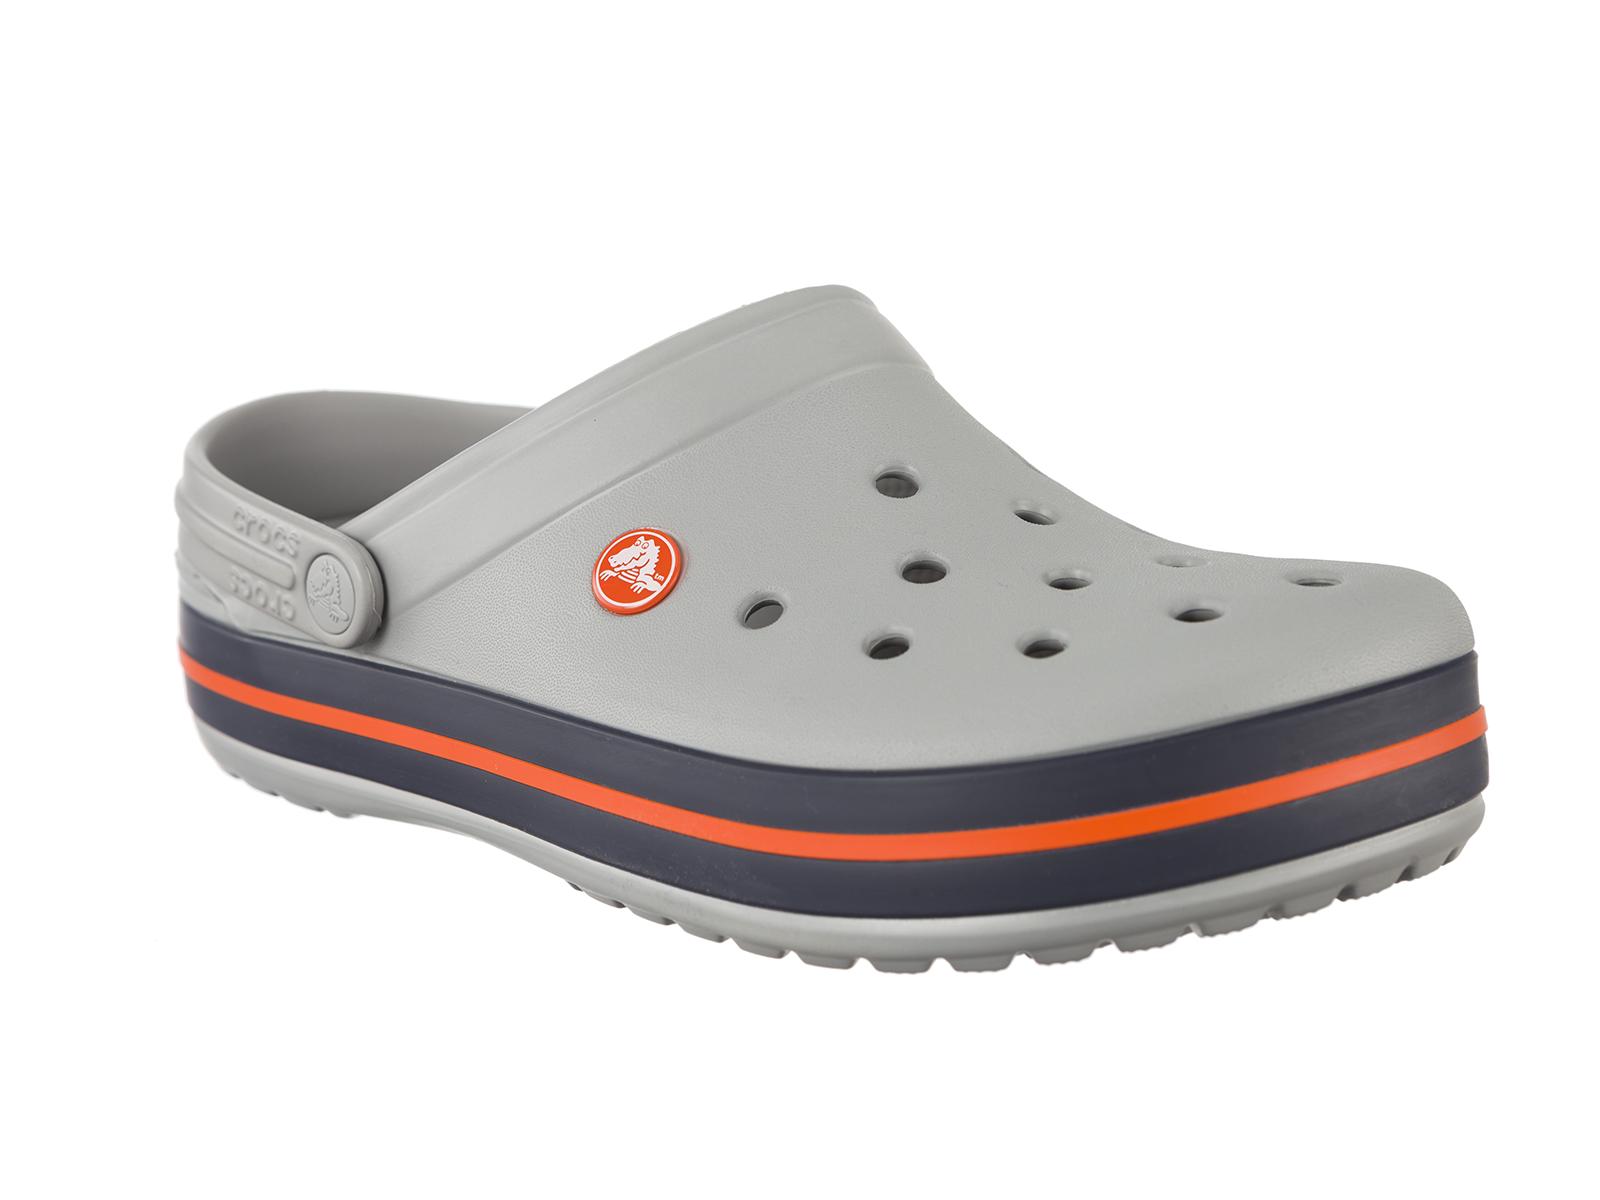 Crocs unisex clogs badeschuhe sommerschuhe sandalen for Ordnungssystem fa r schuhe